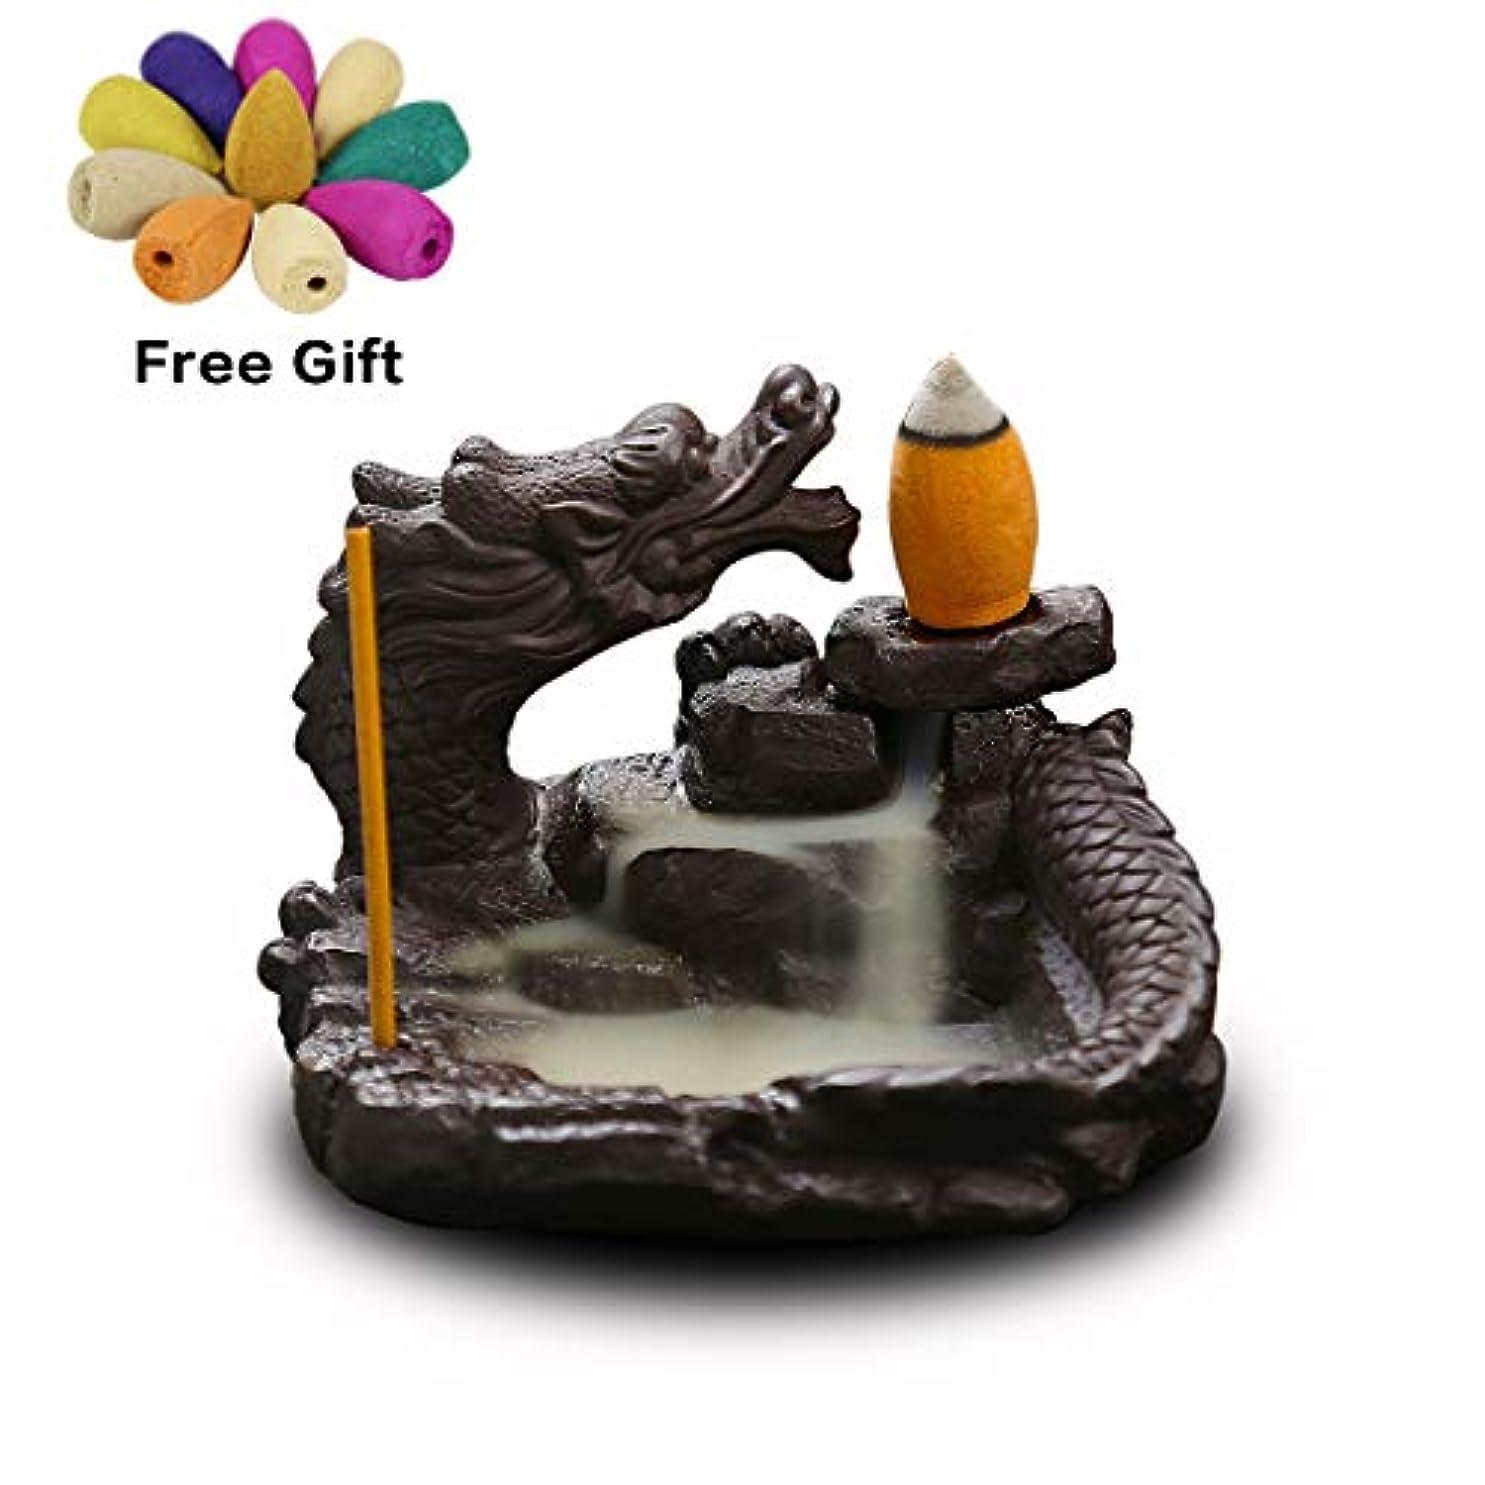 バーチャルエンコミウム洗練された(Style6) - OTOFY Mythical Dragon Backflow Incense Holder Figurine Incense Cone Holder Gothic Home Decor